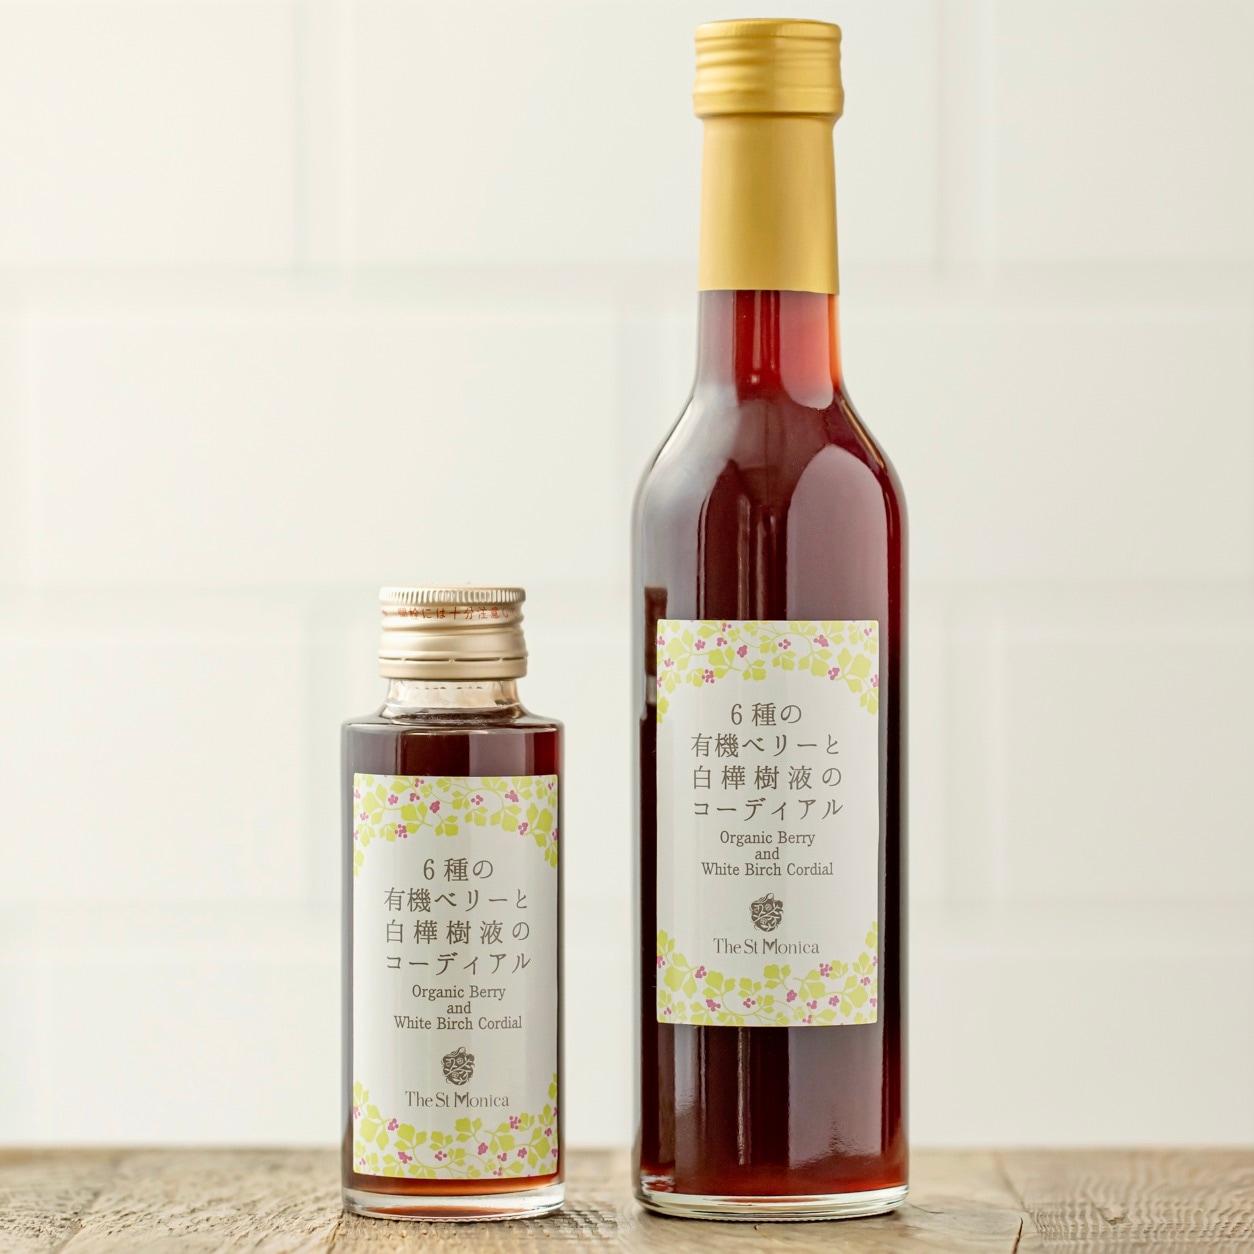 The St Monica(セントモニカ)の6種の有機ベリーと白樺樹液のコーディアル,通販・お取り寄せ北海道産の白樺樹液